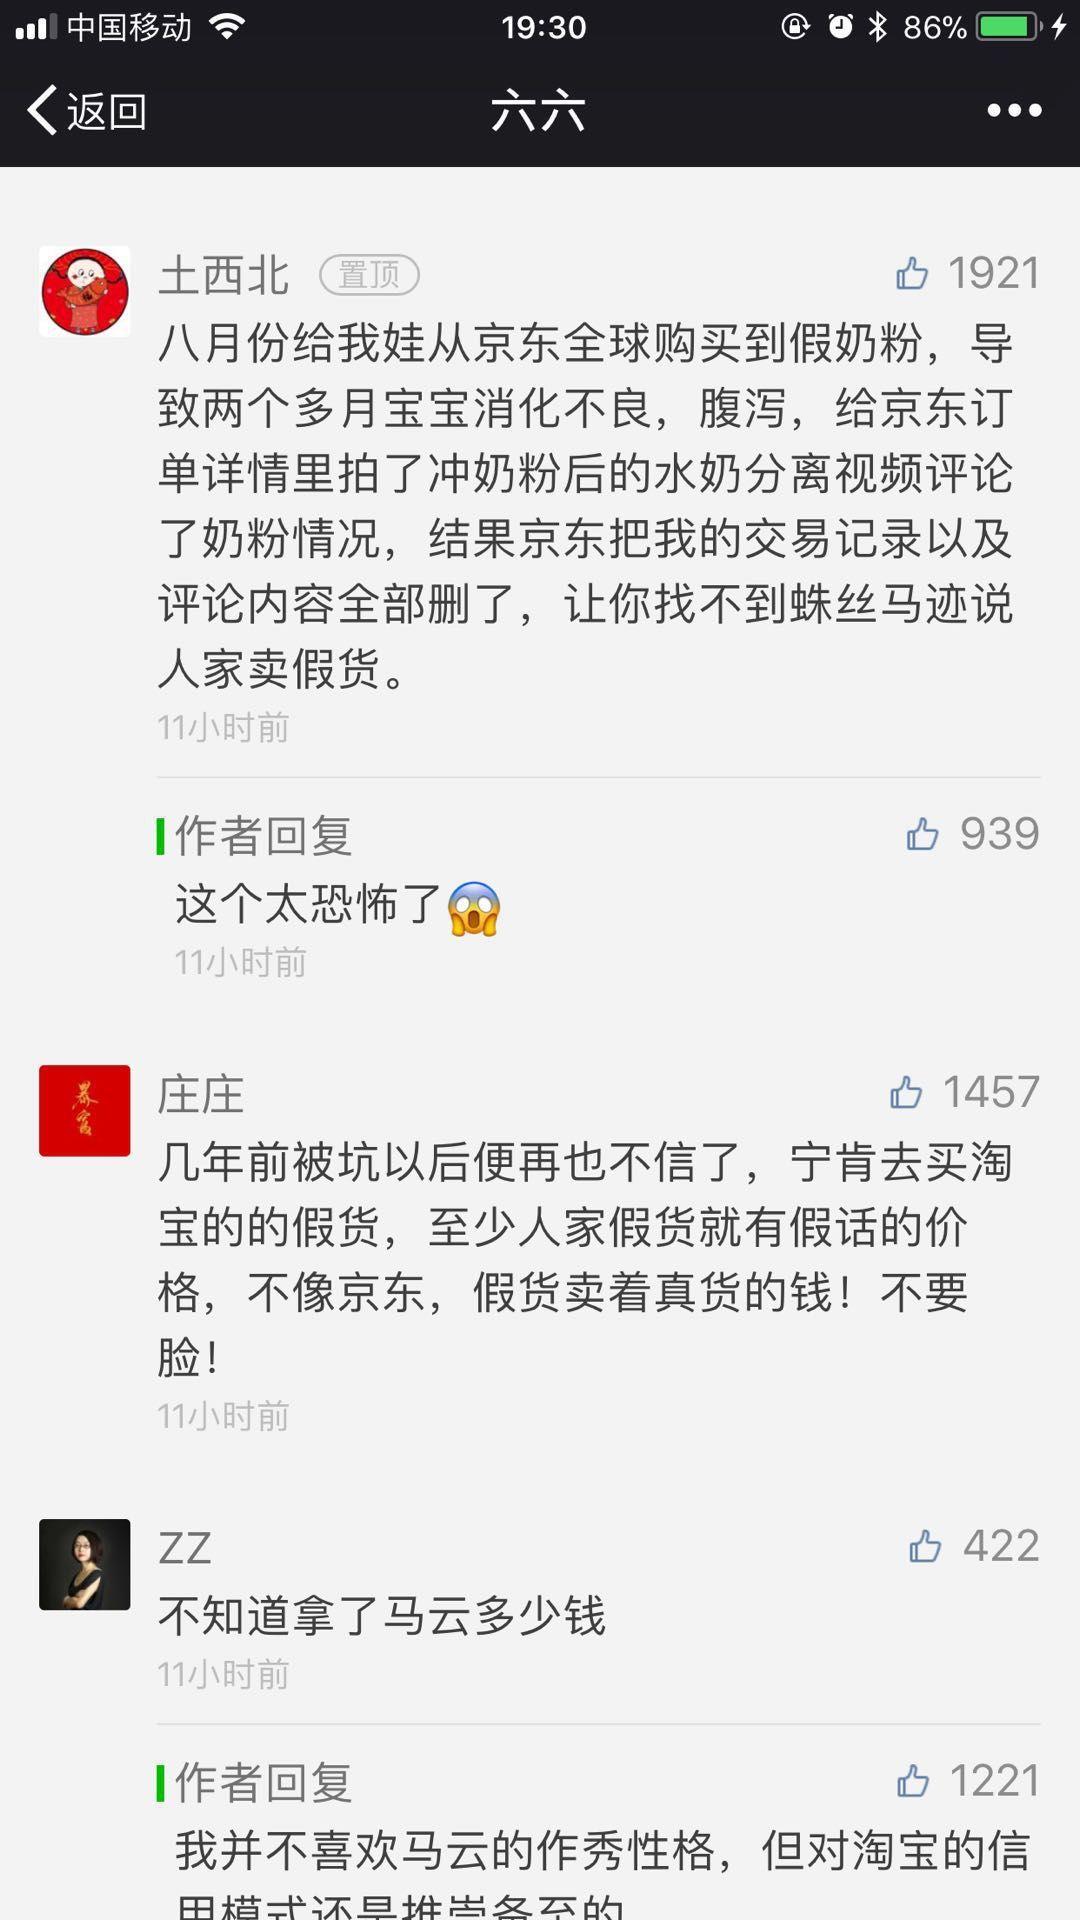 315时间 作家六六曝京东全球购商家售假 回应 正在调查